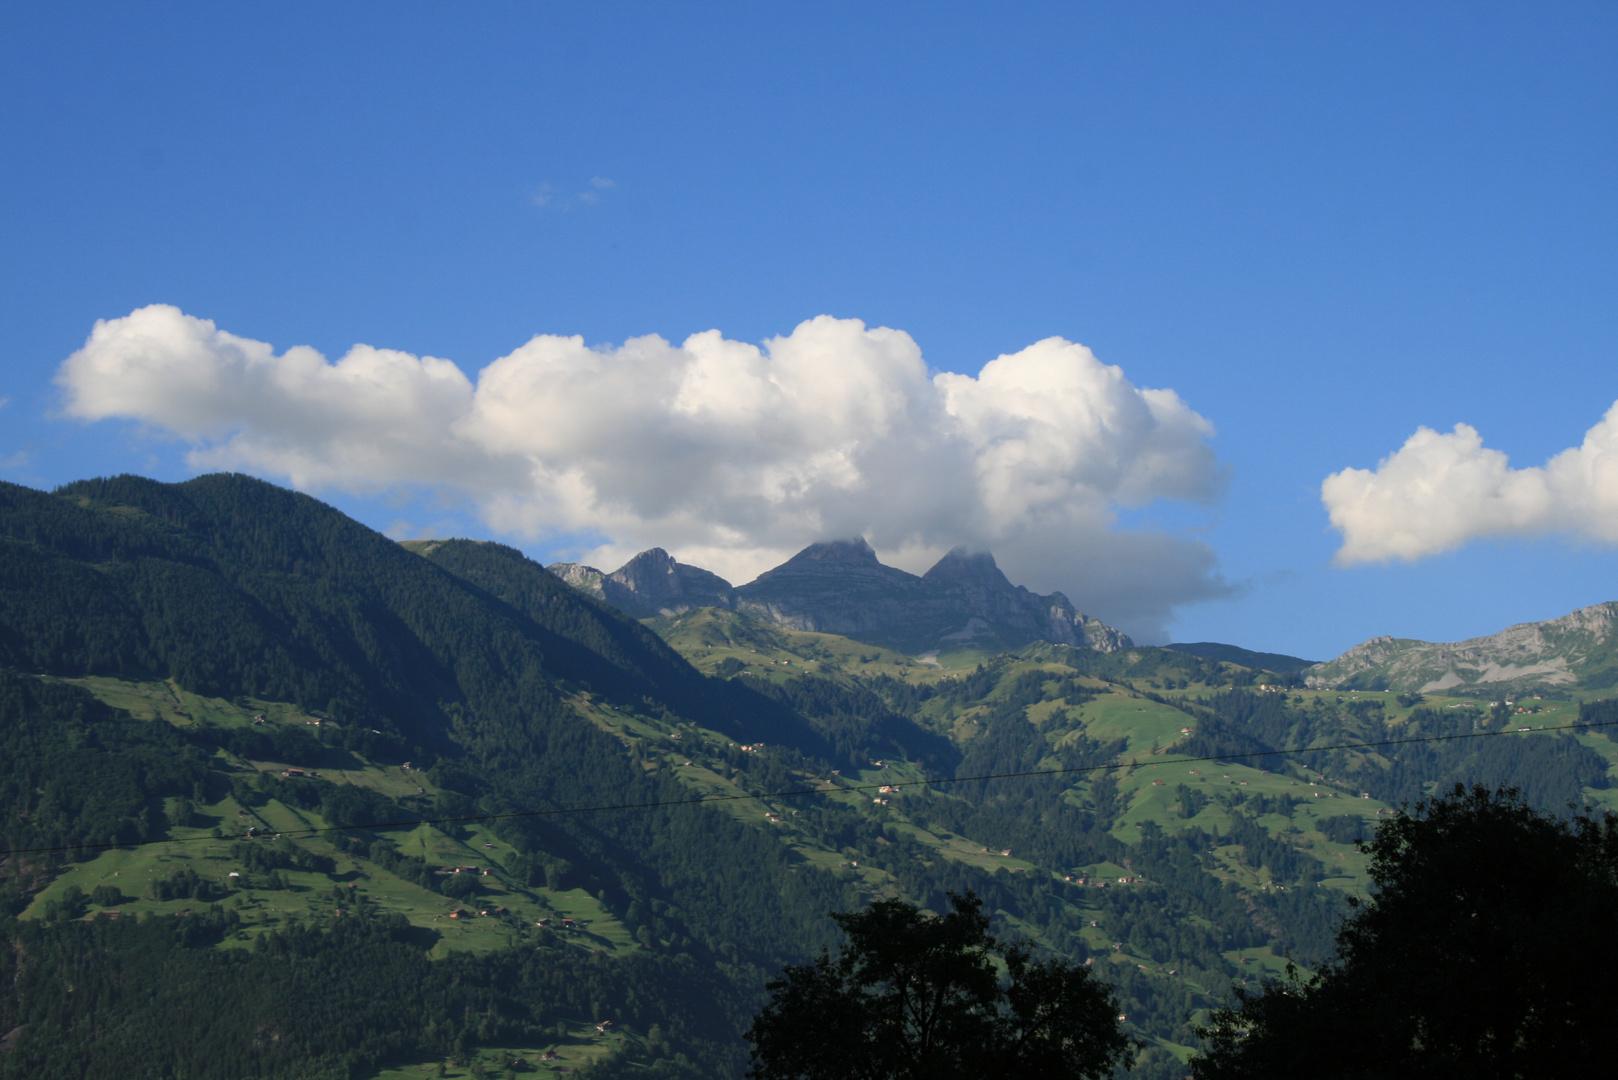 Berge mit Häusern in den Schweizer Alpen